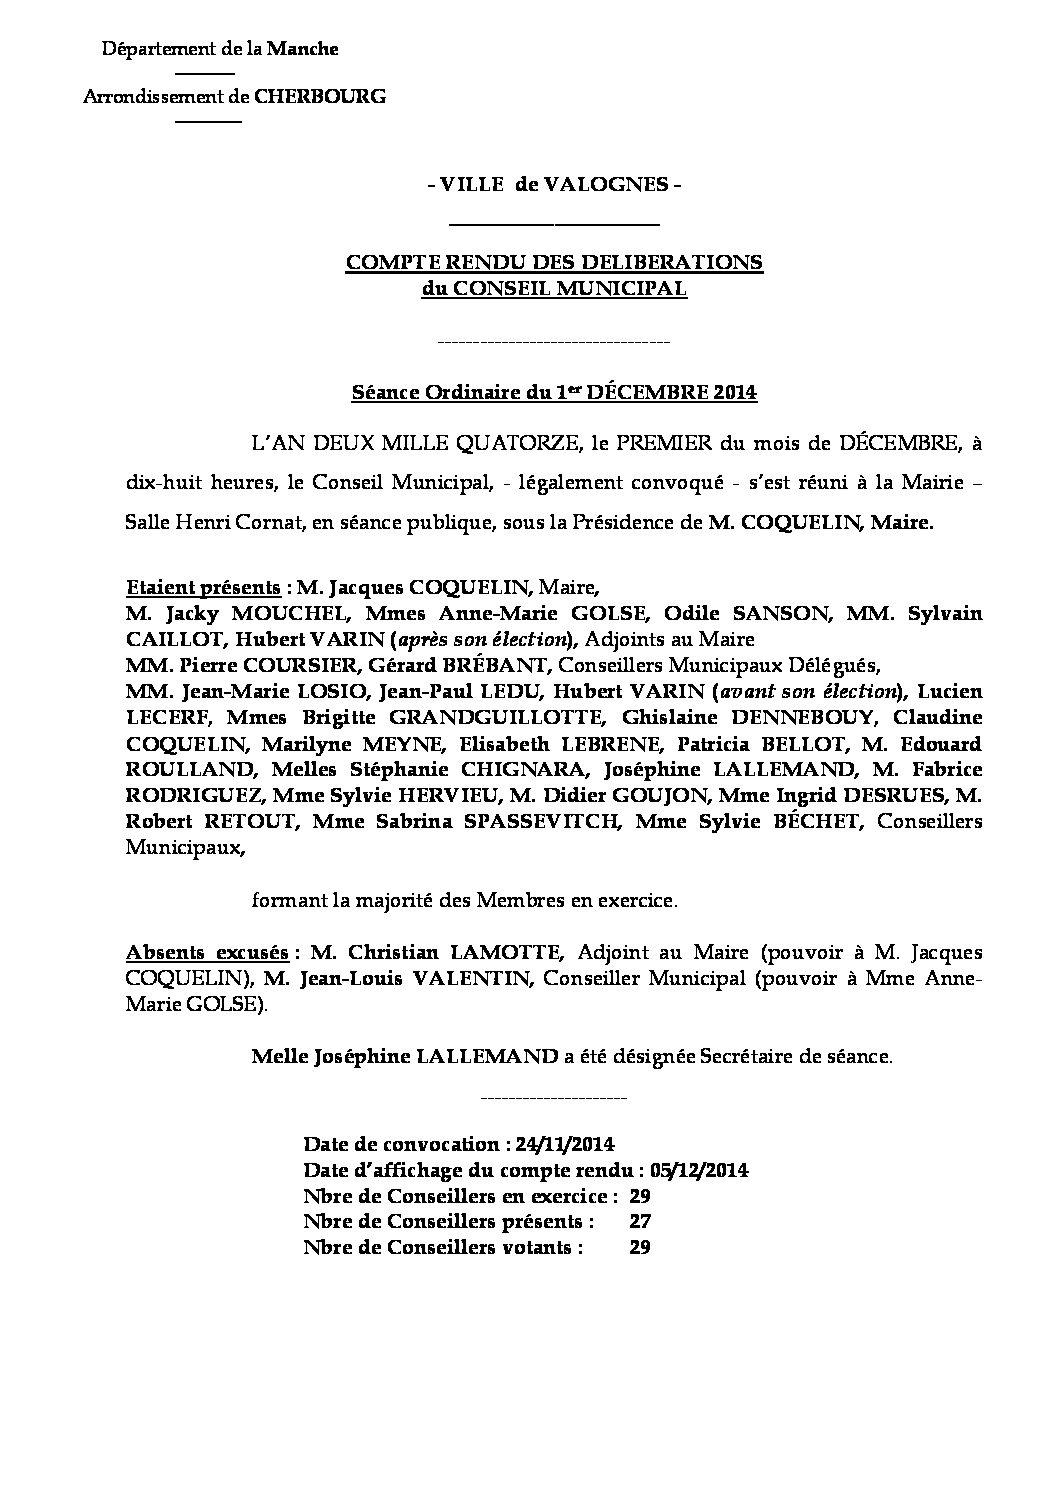 Extrait du registre des délibérations du 01-12-2014 - Compte rendu des questions soumises à délibérations lors de la séance du 1er décembre 2014.